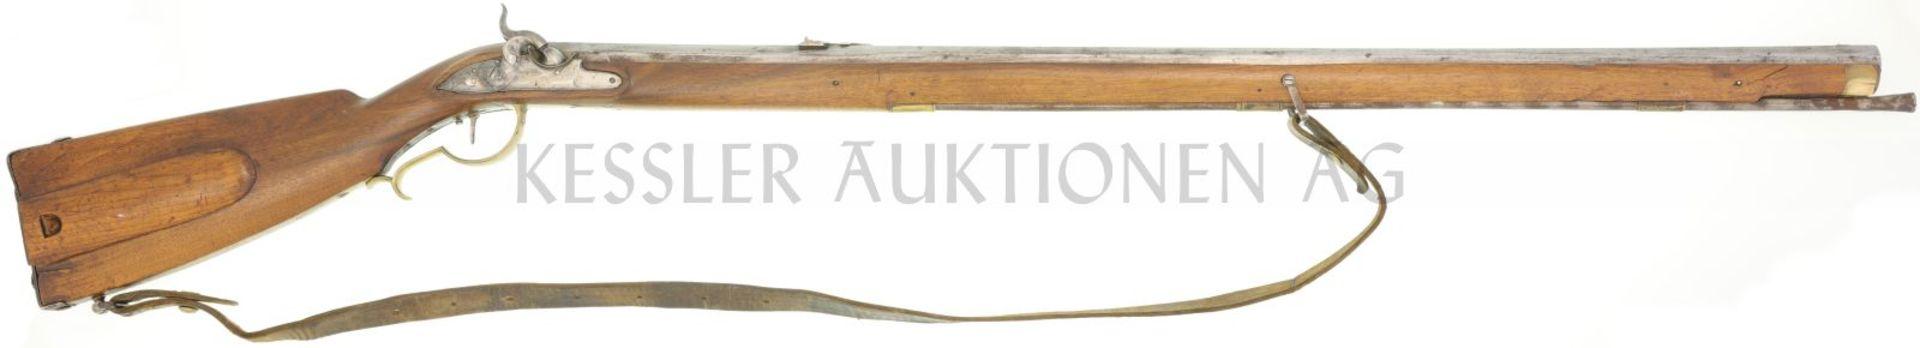 Perkussionsbüchse, Jagdstutzer, aptiert von Steischloss- auf Perkussionszündung, Kal 16mm LL 970, TL